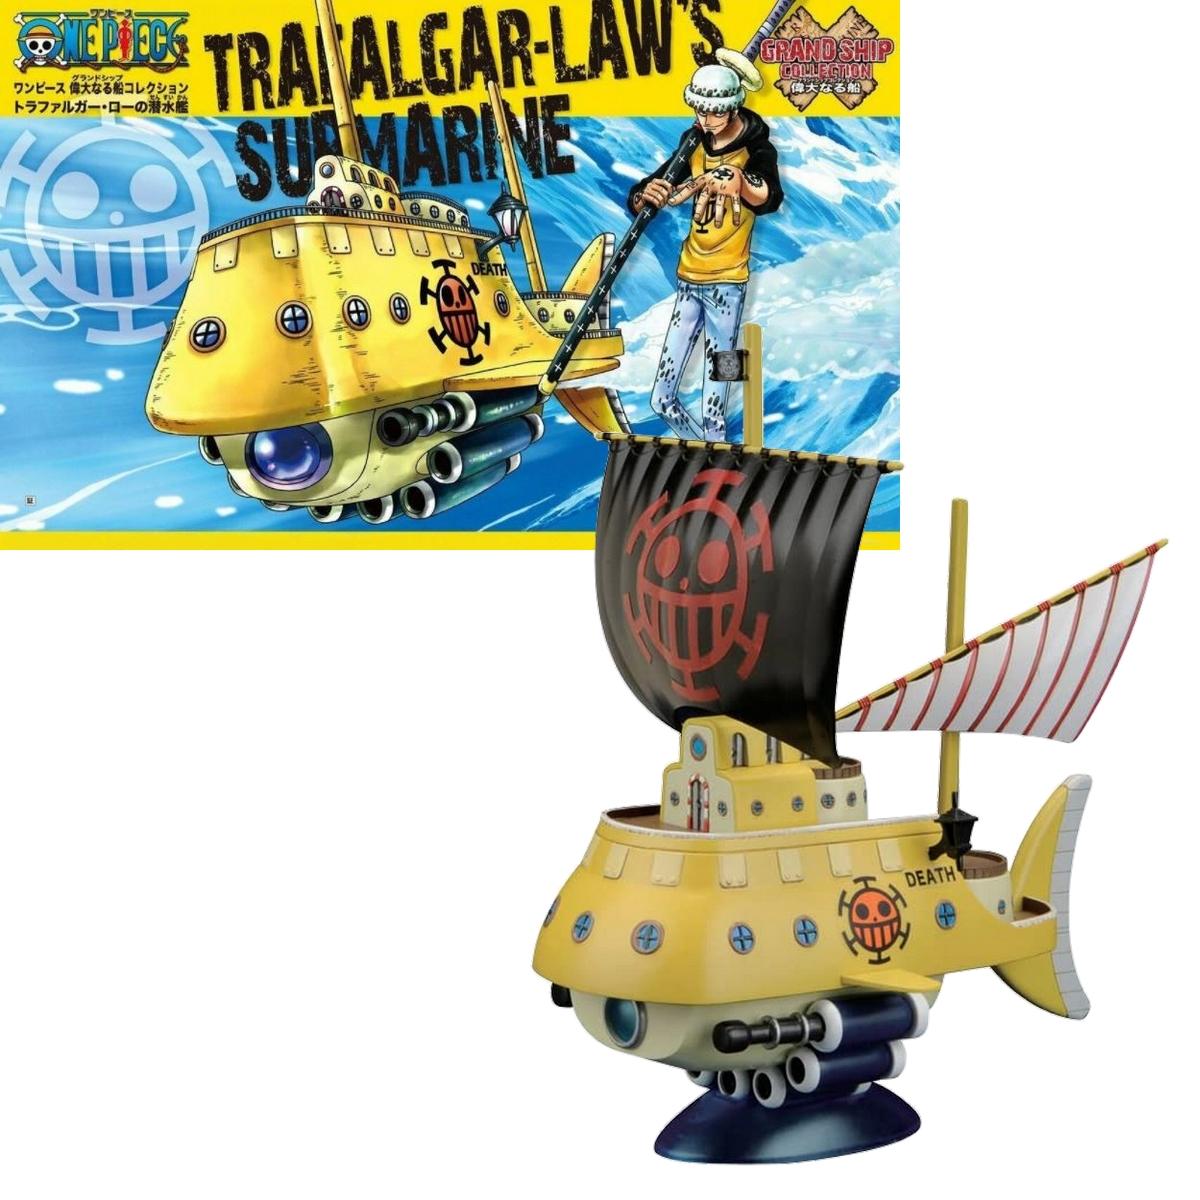 figurine one piece navire trafalgar law